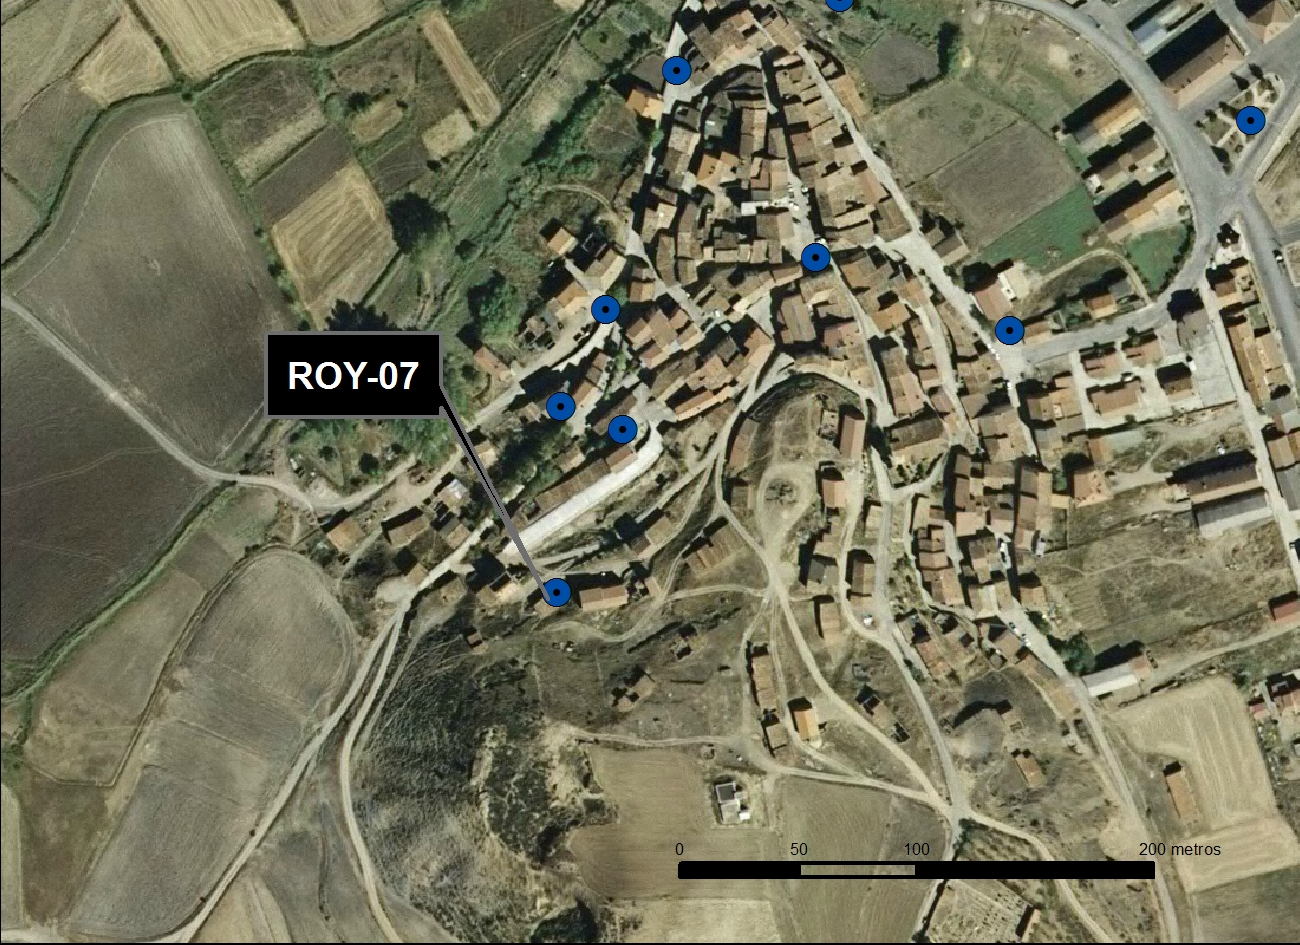 ROY_07_M.V.LOZANO_ POZO DE LA SALUD_ORTO 1